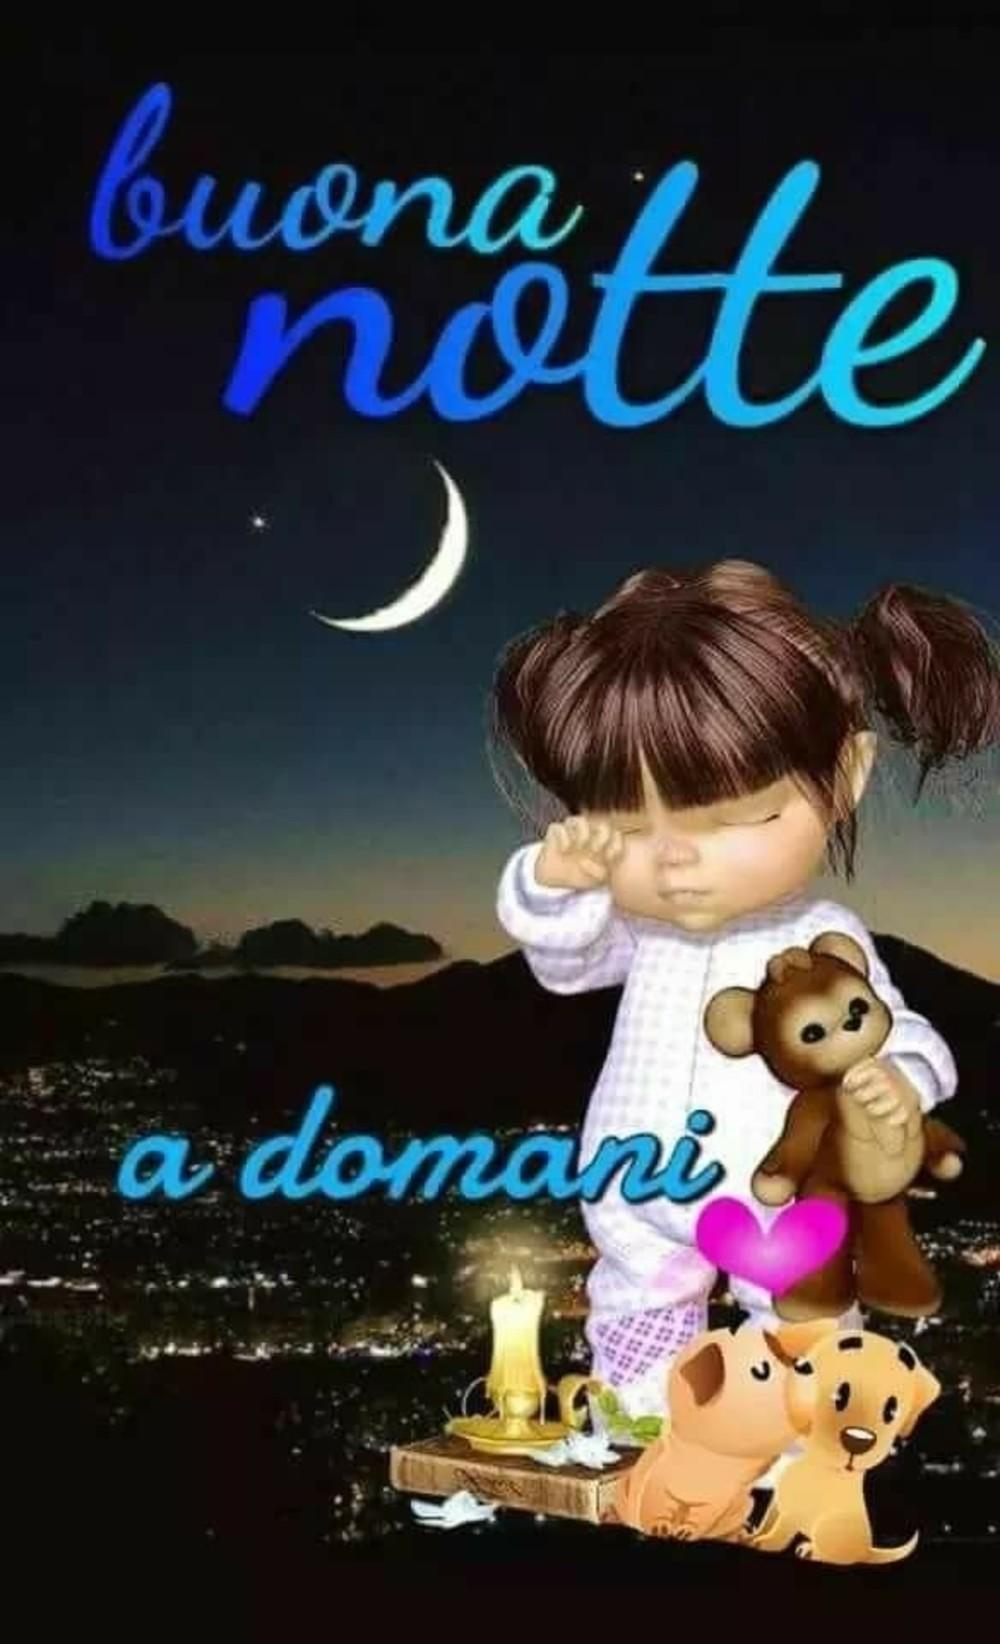 Belle Immagini Buonanotte Da Condividere Su Whatsapp 6